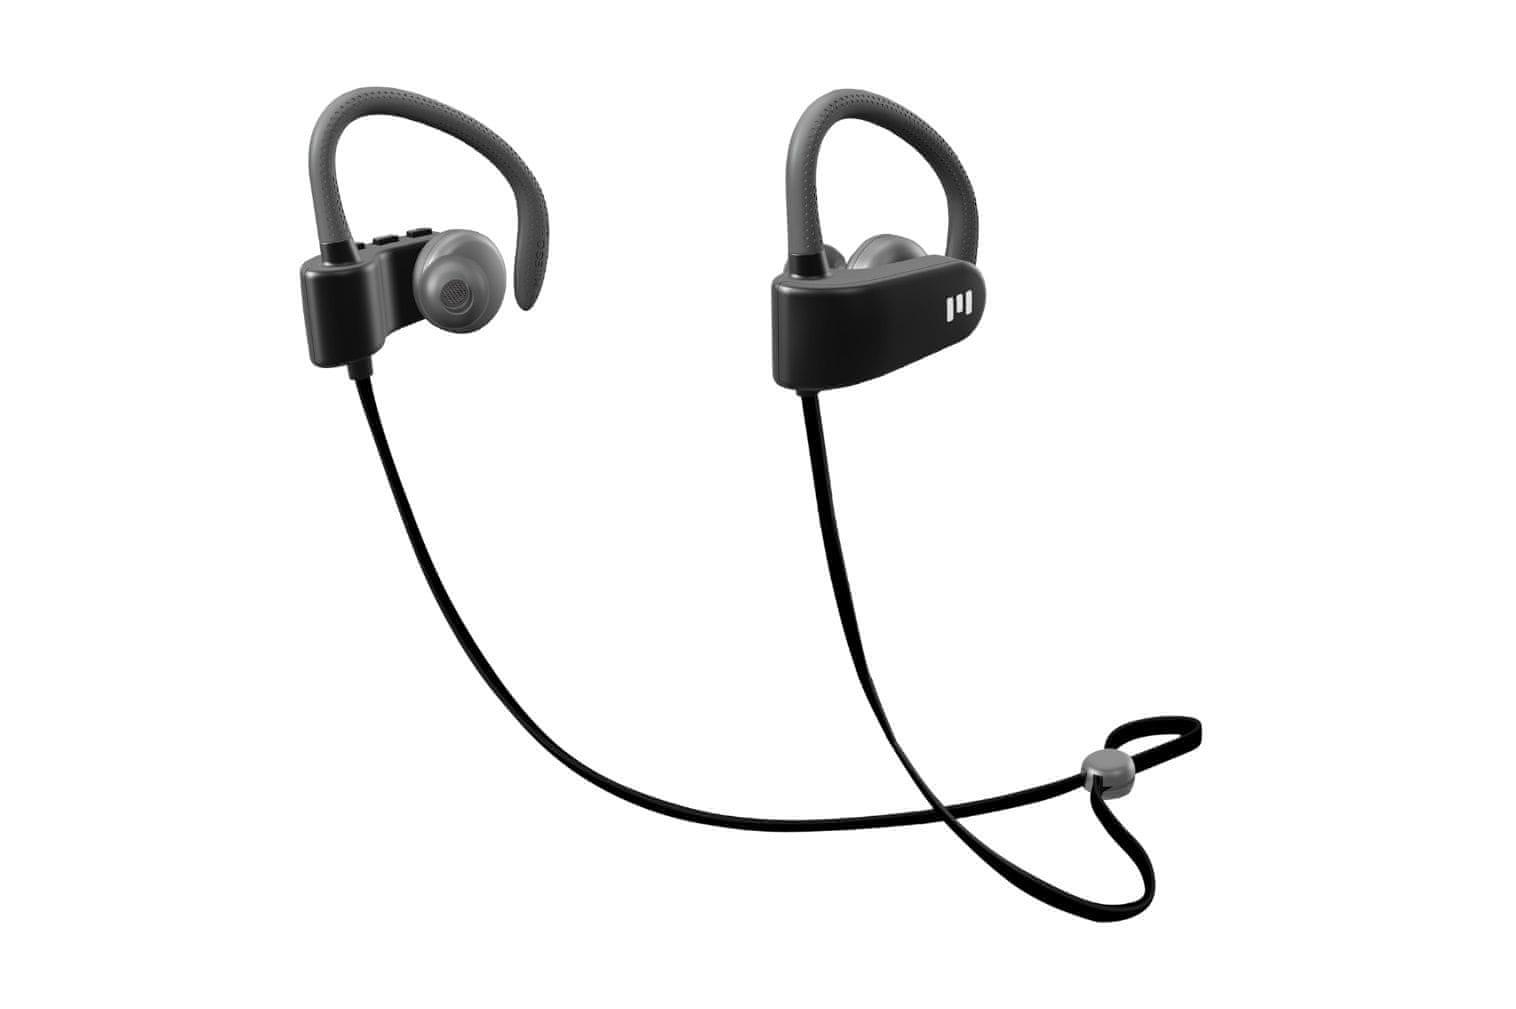 Bezdrátová sluchátka Miiego M1 nastavitelná délka týlní šňůrky